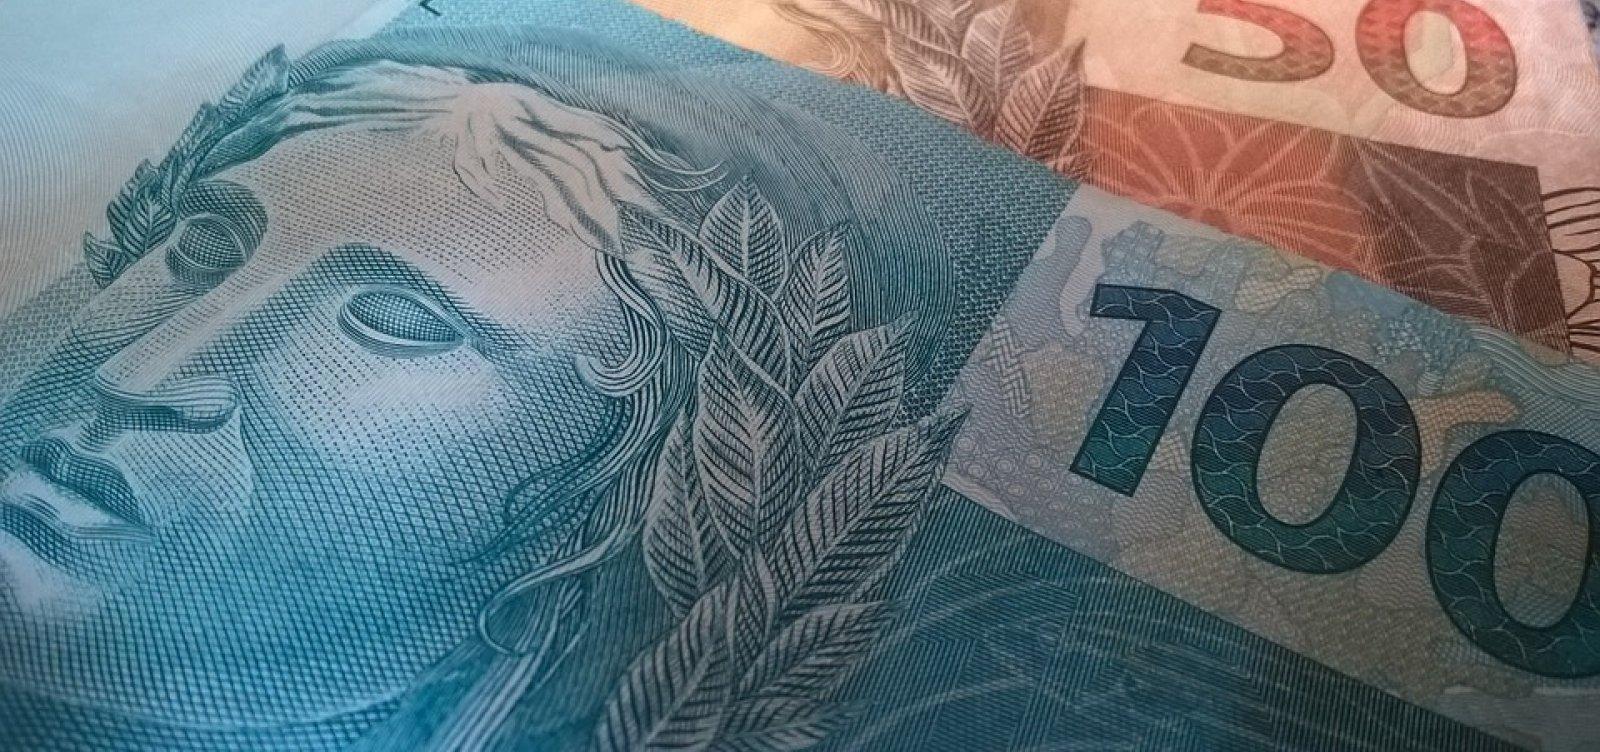 [Banco Mundial reduz previsão de avanço da economia do Brasil em 2019]